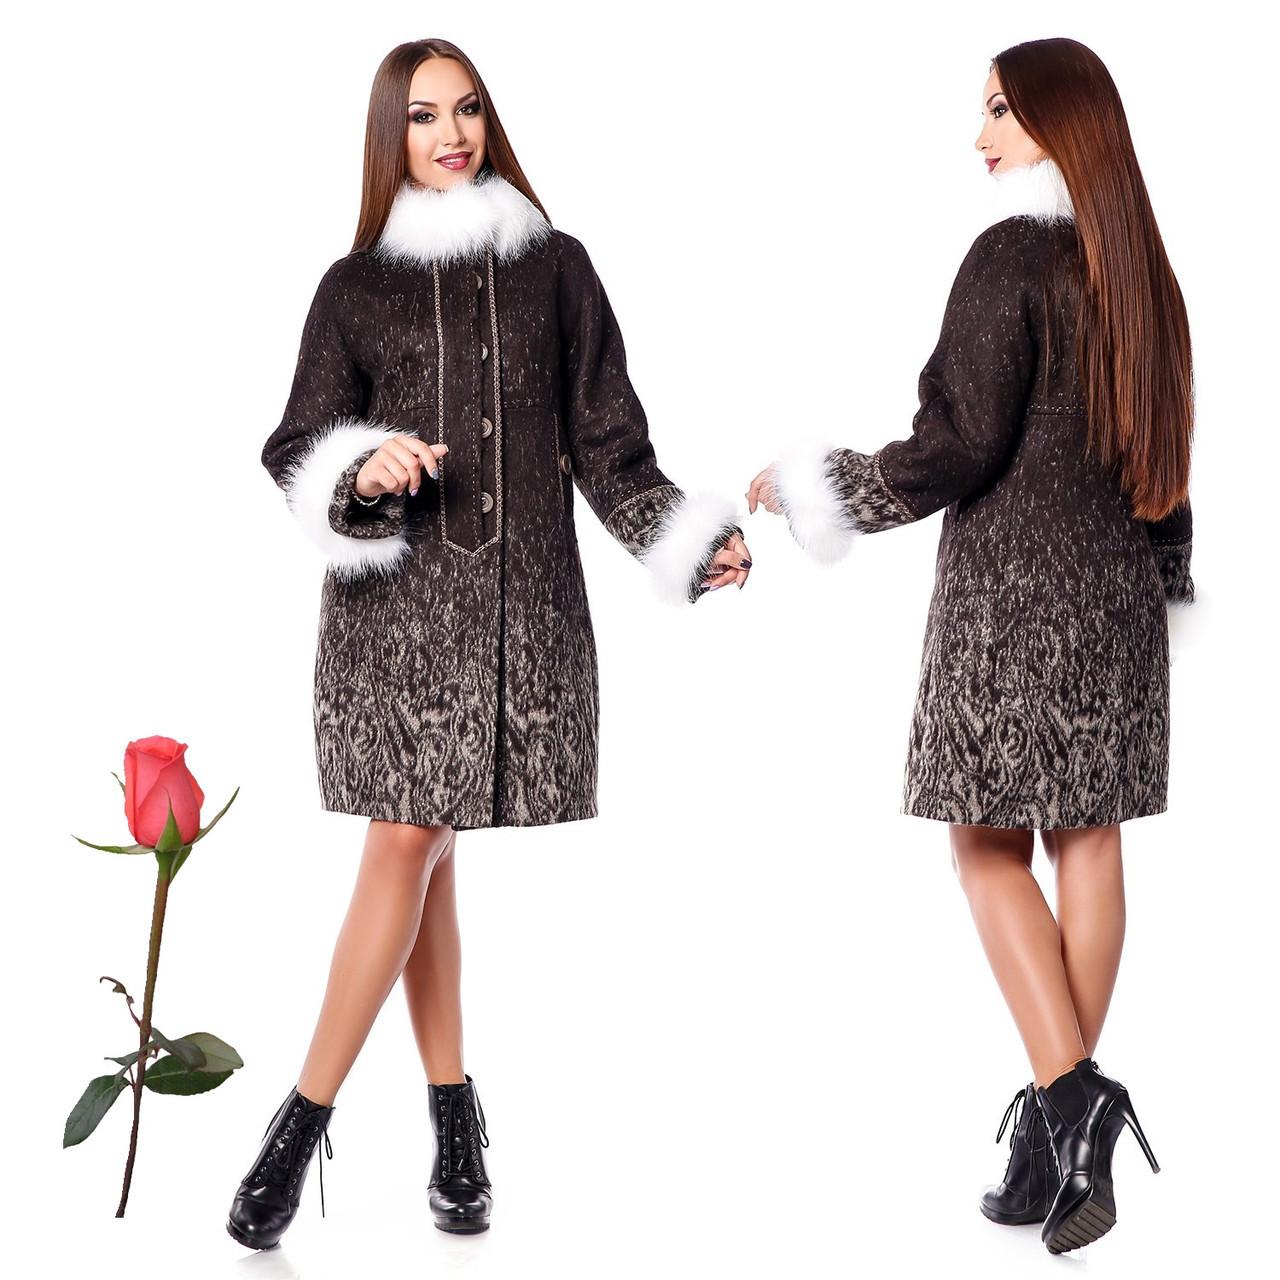 Итальянская женская верхняя одежда купить в